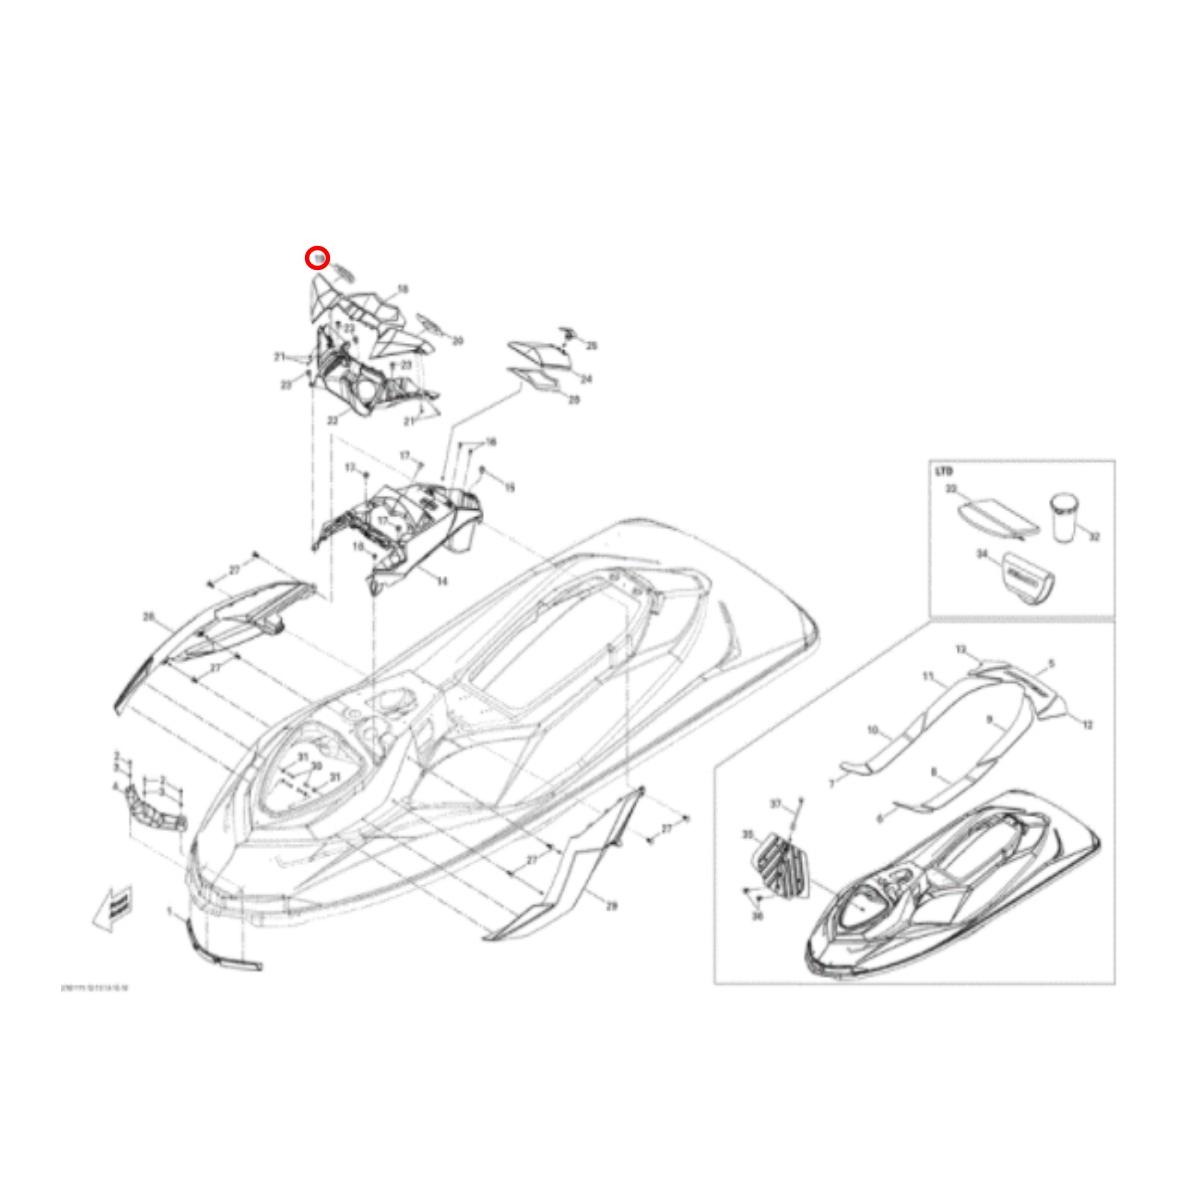 Espelho Retrovisor Sea Doo 4 TEC 2011 RH  - Radical Peças - Peças para Jet Ski